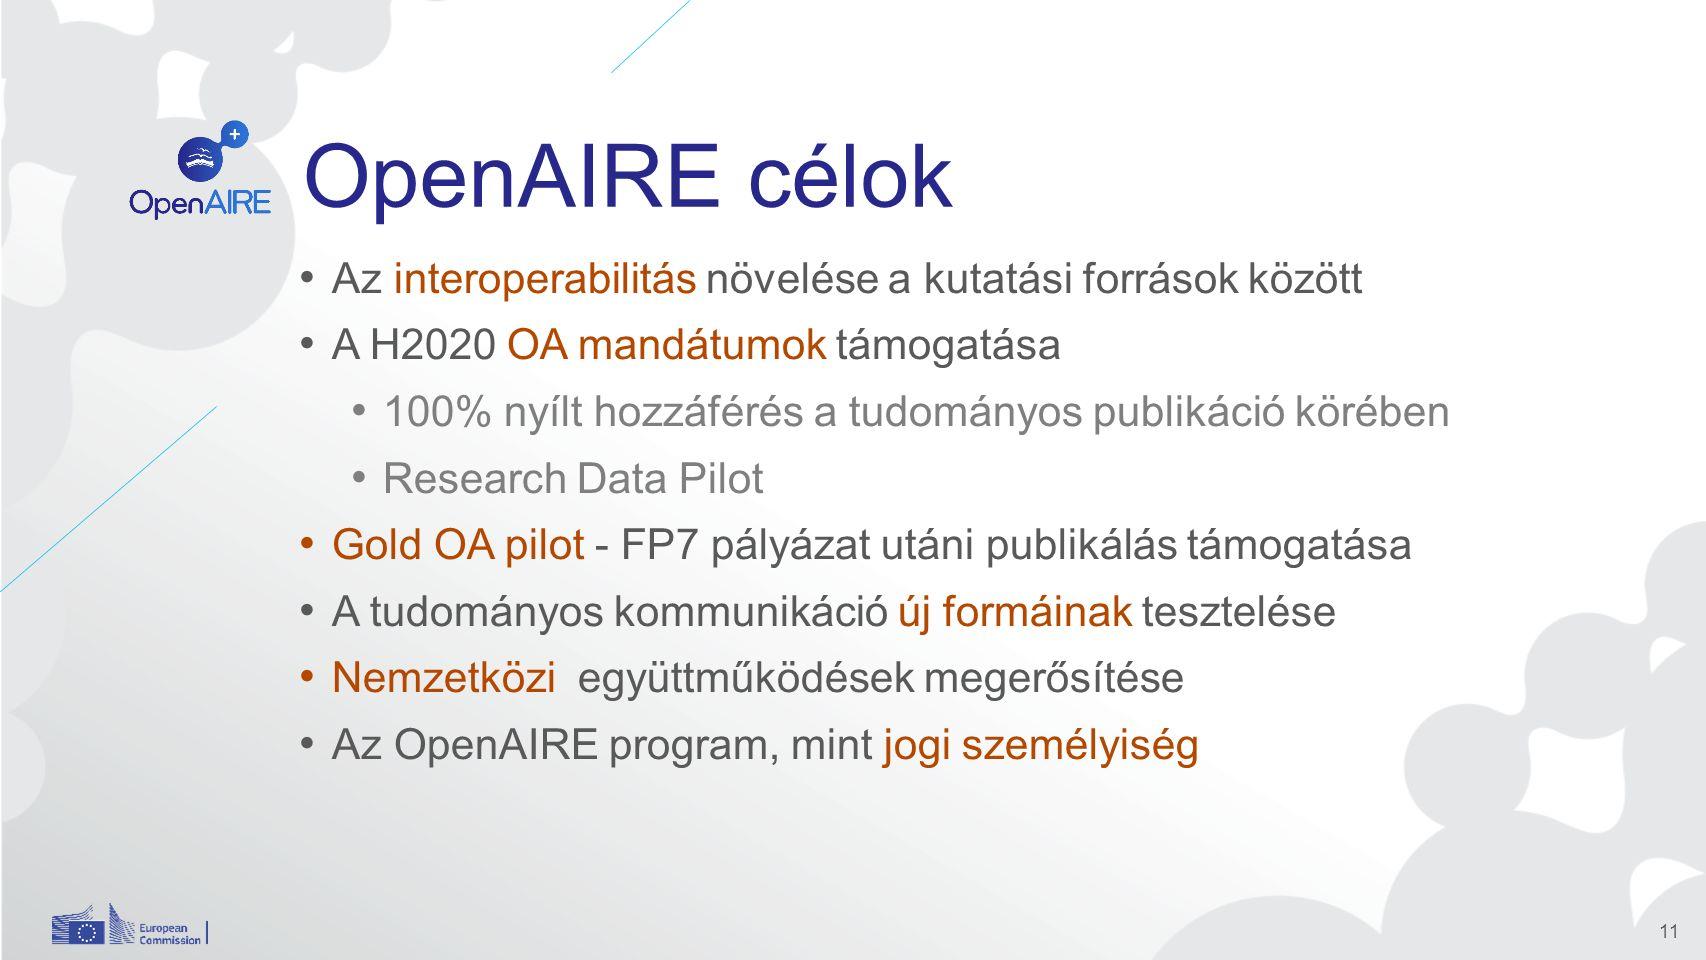 OpenAIRE célok Az interoperabilitás növelése a kutatási források között A H2020 OA mandátumok támogatása 100% nyílt hozzáférés a tudományos publikáció körében Research Data Pilot Gold OA pilot - FP7 pályázat utáni publikálás támogatása A tudományos kommunikáció új formáinak tesztelése Nemzetközi együttműködések megerősítése Az OpenAIRE program, mint jogi személyiség 11